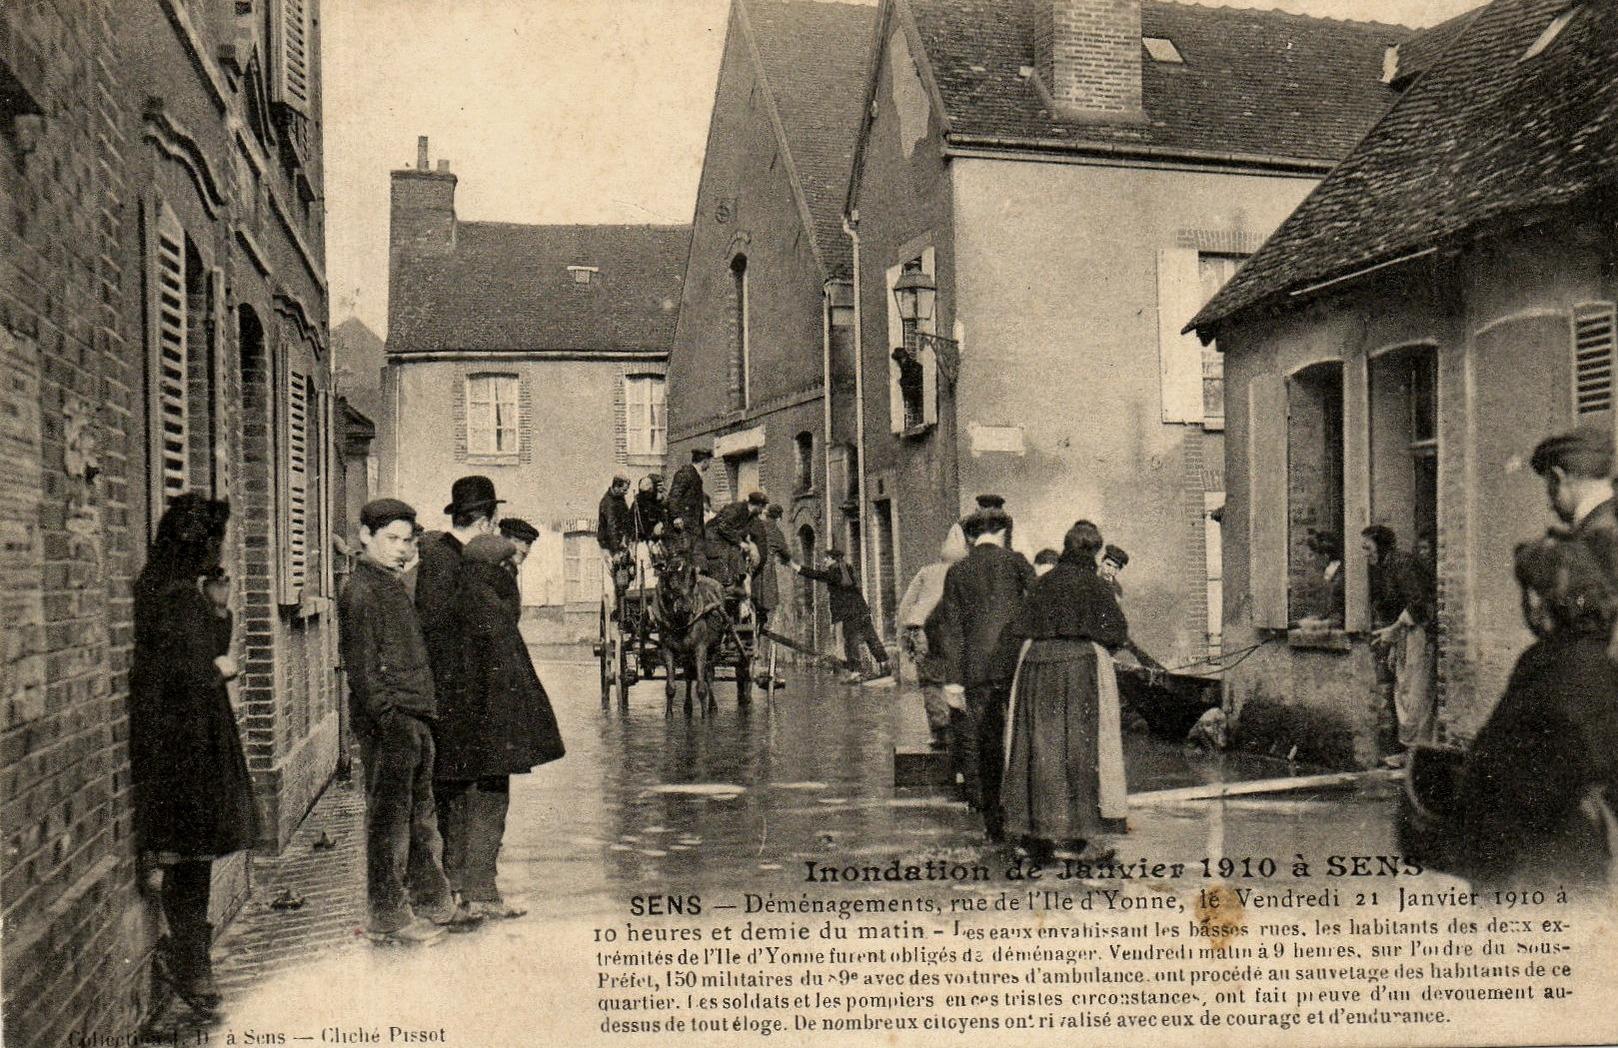 Sens (89) La rue de l'Ile d'Yonne, inondations 1910 CPA